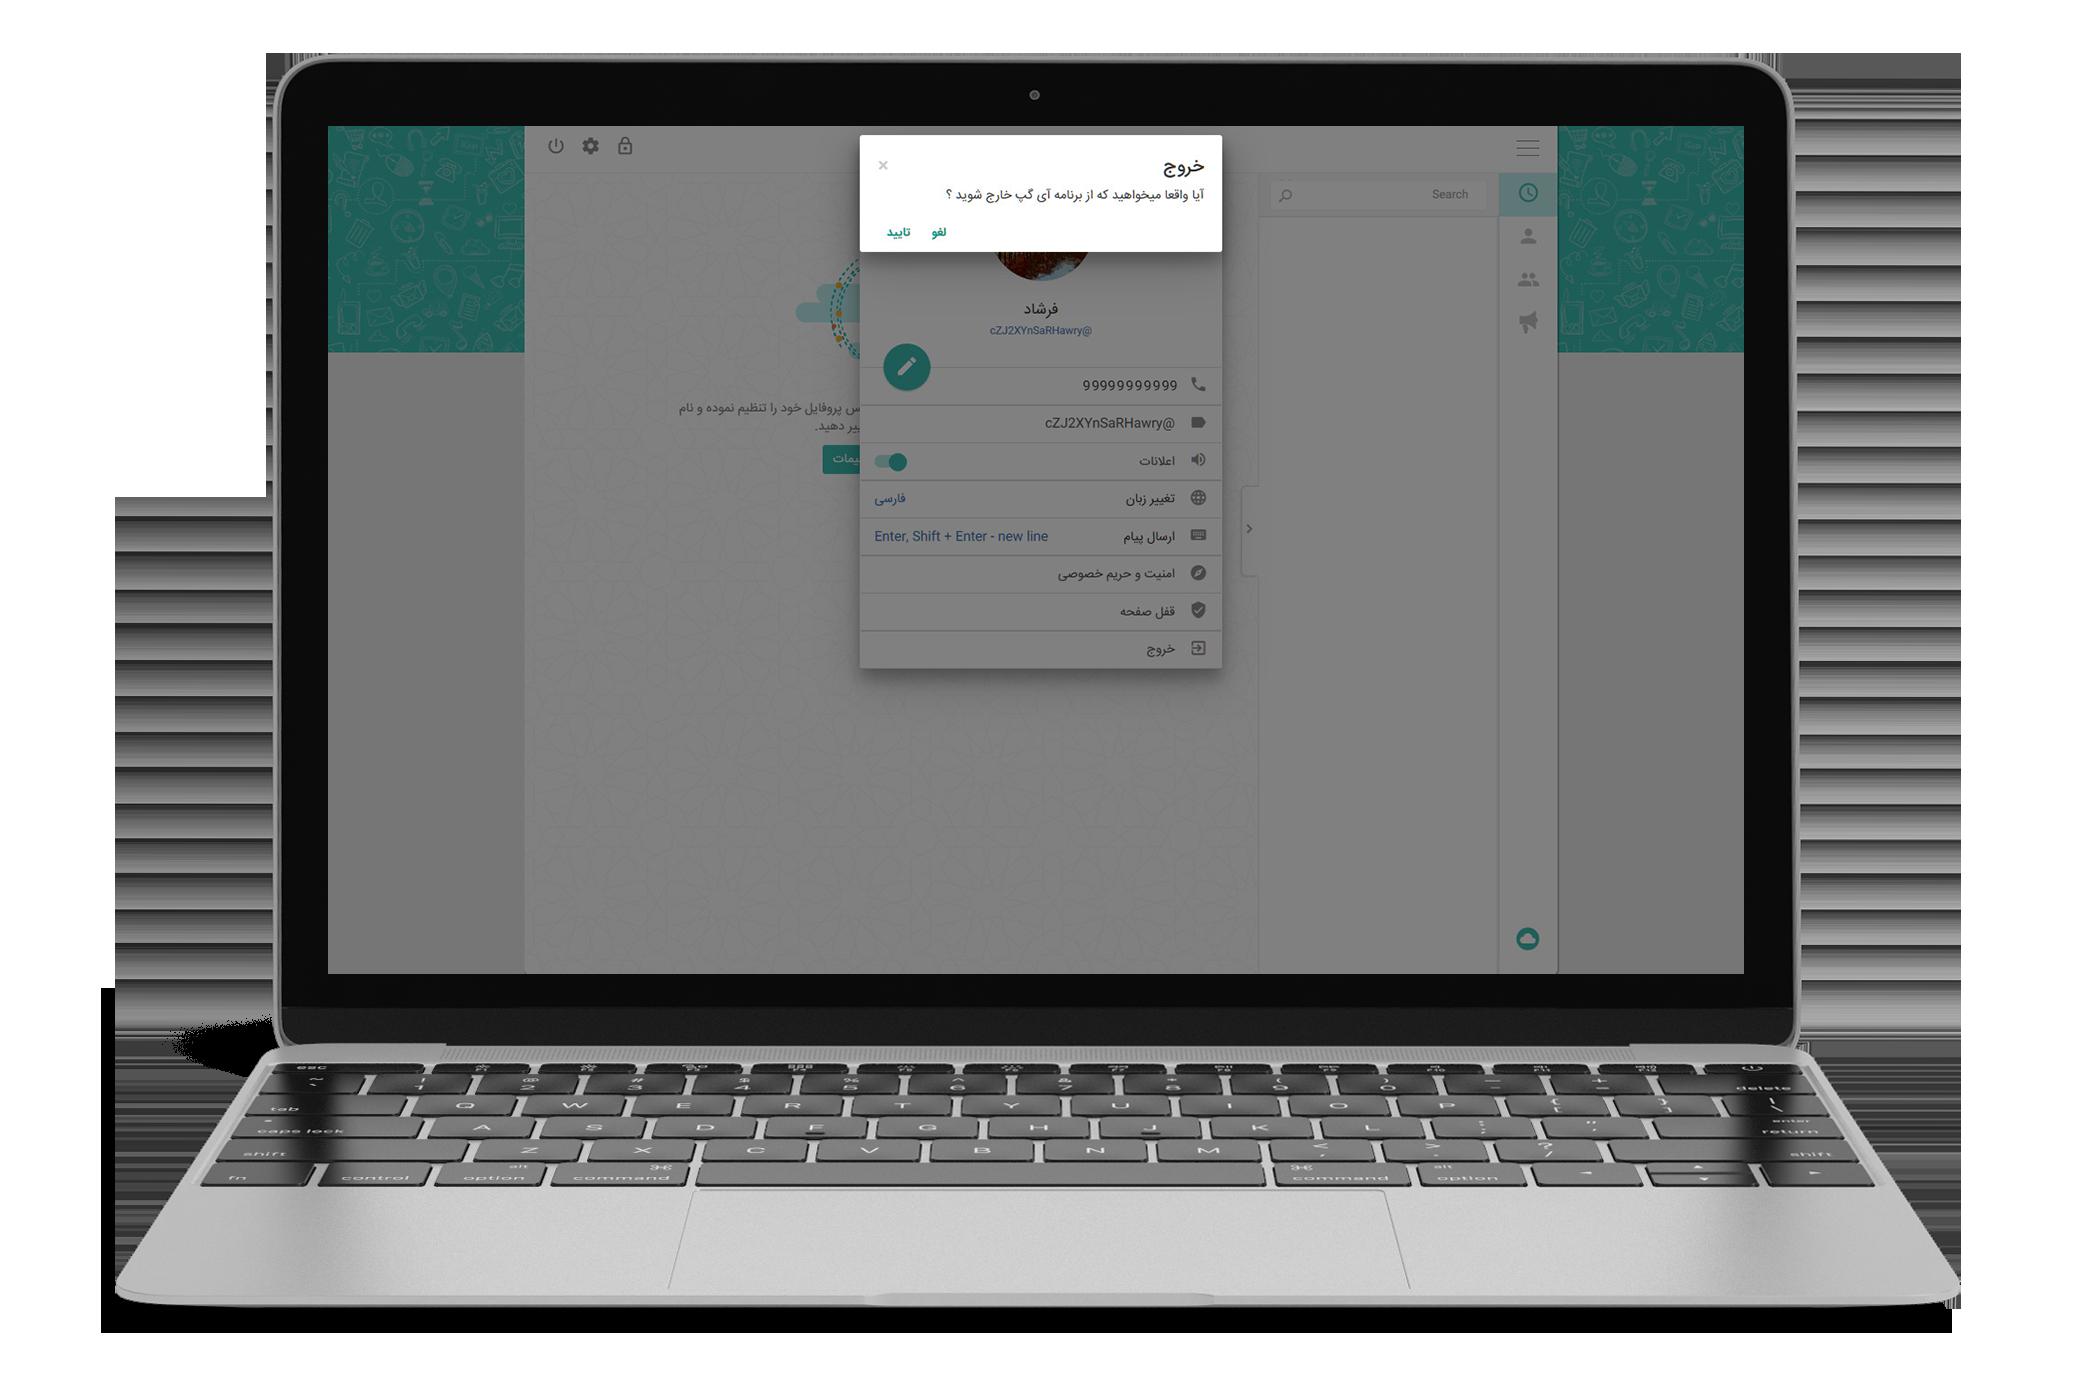 خروج از حساب کاربری آیگپ در نسخه وب